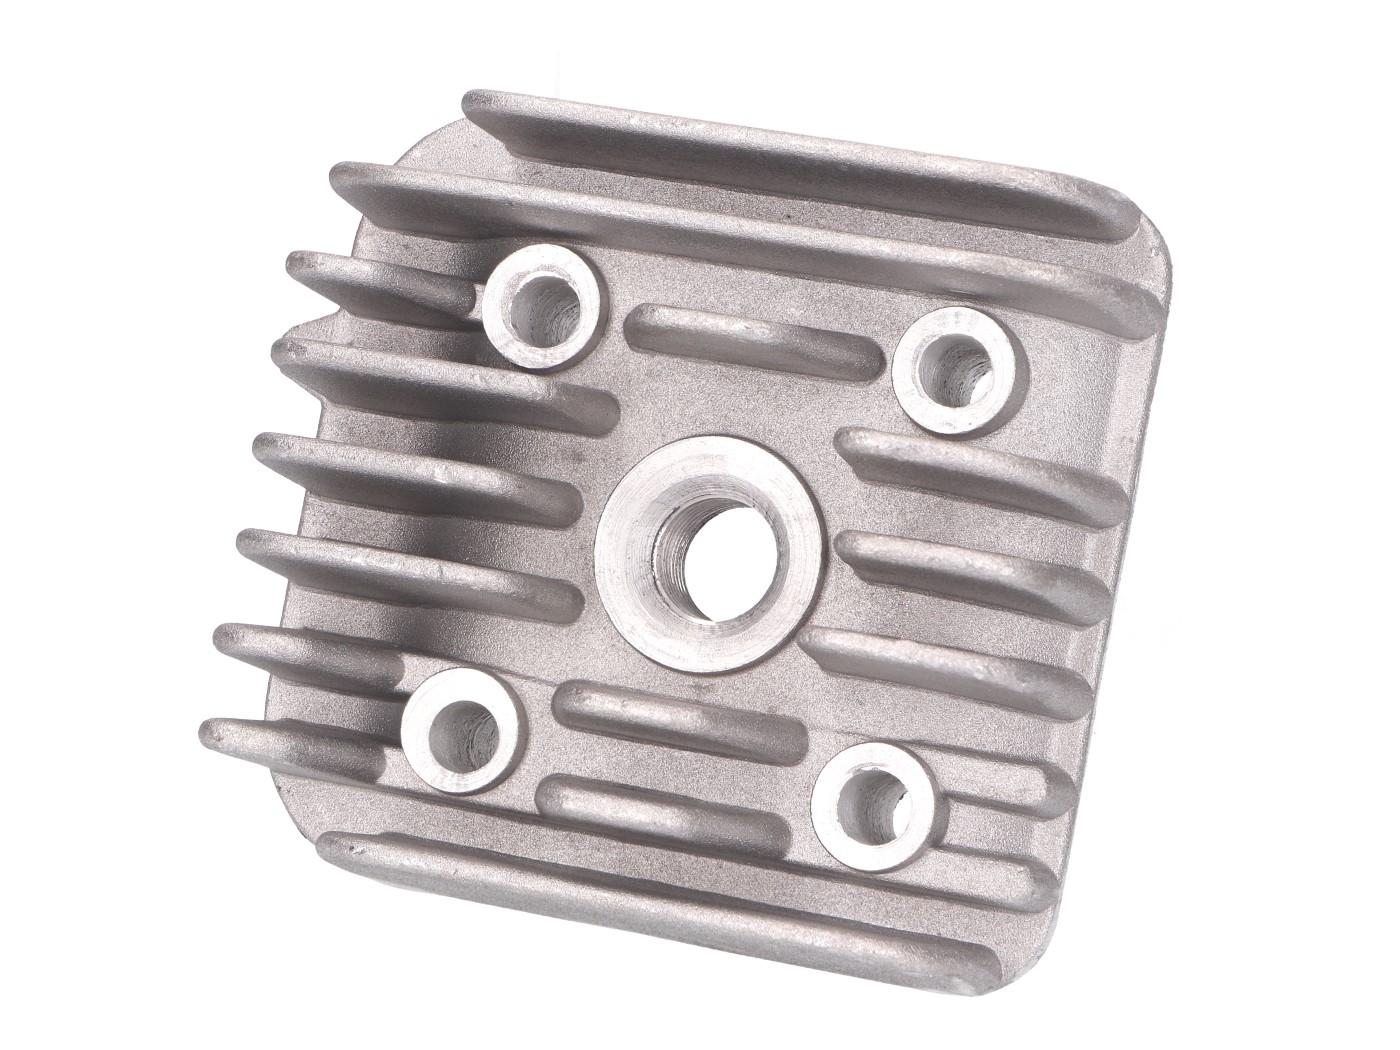 Stehbolzen Set Zylinder passend f/ür Minarelli stehend M6 f/ür ITALJET Pista 50